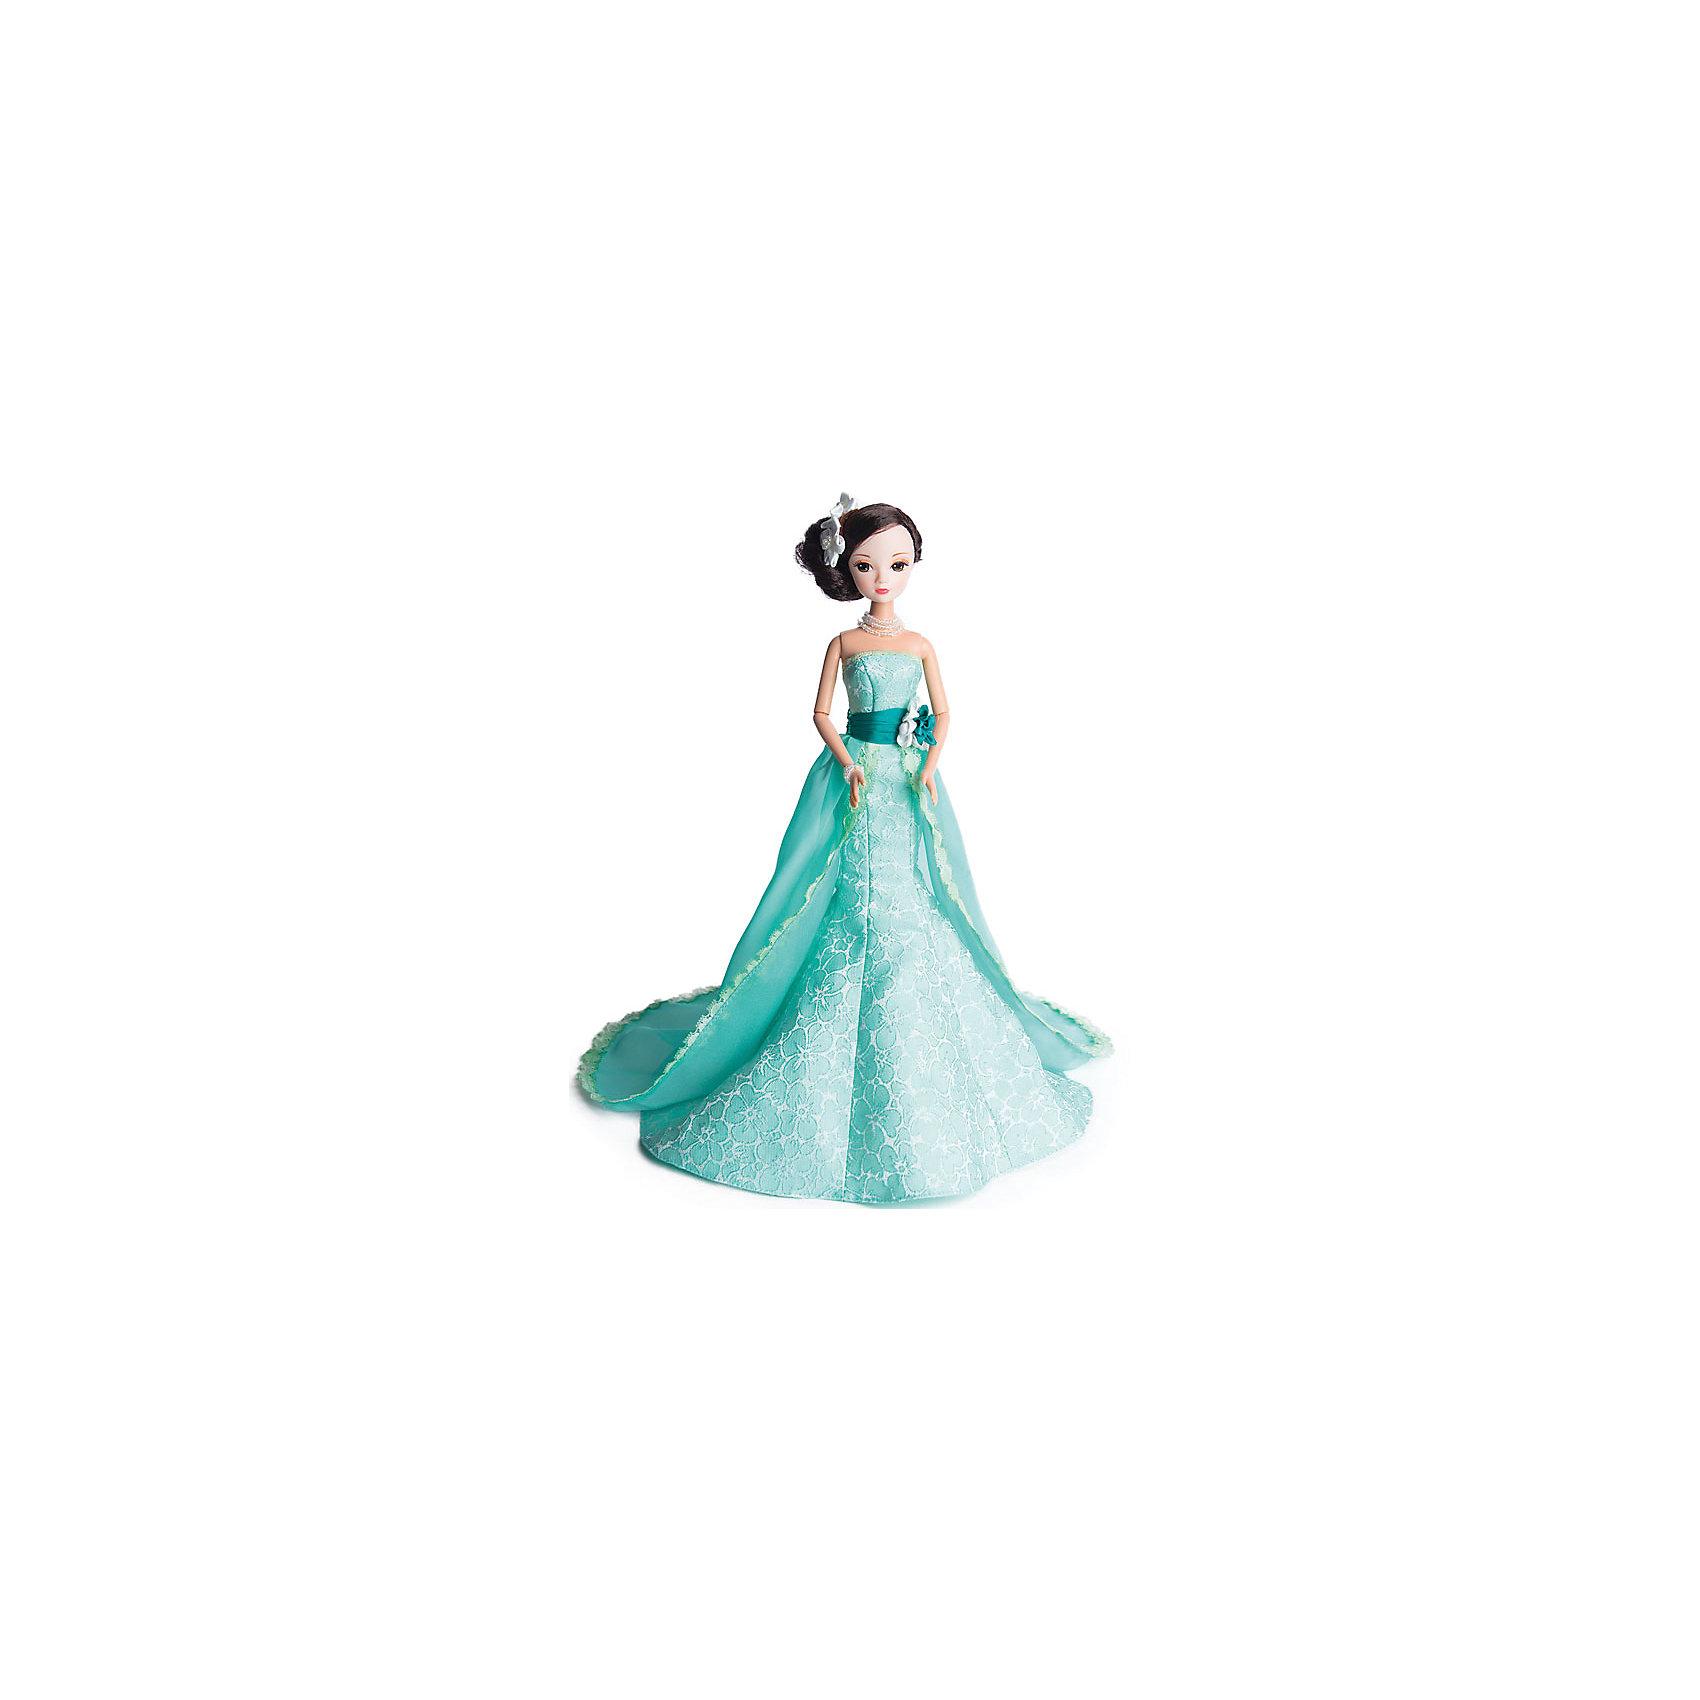 Кукла Жасмин, серия Золотая коллекция, Sonya RoseБренды кукол<br>Характеристики товара:<br><br>- цвет: разноцветный;<br>- материал: пластик, текстиль;<br>- особенности: подвижные руки и ноги, голова;<br>- размер упаковки: 23х32х7см;<br>- комплектация: кукла, одежда, аксессуары;<br>- размер куклы: 27 см.<br><br>Такие красивые куклы не оставят ребенка равнодушным! Какая девочка откажется поиграть с куклой в прекрасном дизайнерском вечернем платье ручной работы?! Игрушка хорошо детализирована, очень качественно выполнена, поэтому она станет отличным подарком ребенку. В наборе идут одежда и аксессуары, которые можно снять! Кукла продается в нарядной подарочной упаковке.<br>При играх с куклами у детей активизируется мышление, воображение, развиваются творческие способности, нарабатываются варианты социального взаимодействия, дети учатся заботиться о других. Изделие произведено из высококачественного материала, безопасного для детей.<br><br>Куклу Жасмин, серия Золотая коллекция, от бренда Sonya Rose можно купить в нашем интернет-магазине.<br><br>Ширина мм: 230<br>Глубина мм: 320<br>Высота мм: 70<br>Вес г: 366<br>Возраст от месяцев: 36<br>Возраст до месяцев: 2147483647<br>Пол: Женский<br>Возраст: Детский<br>SKU: 5079165